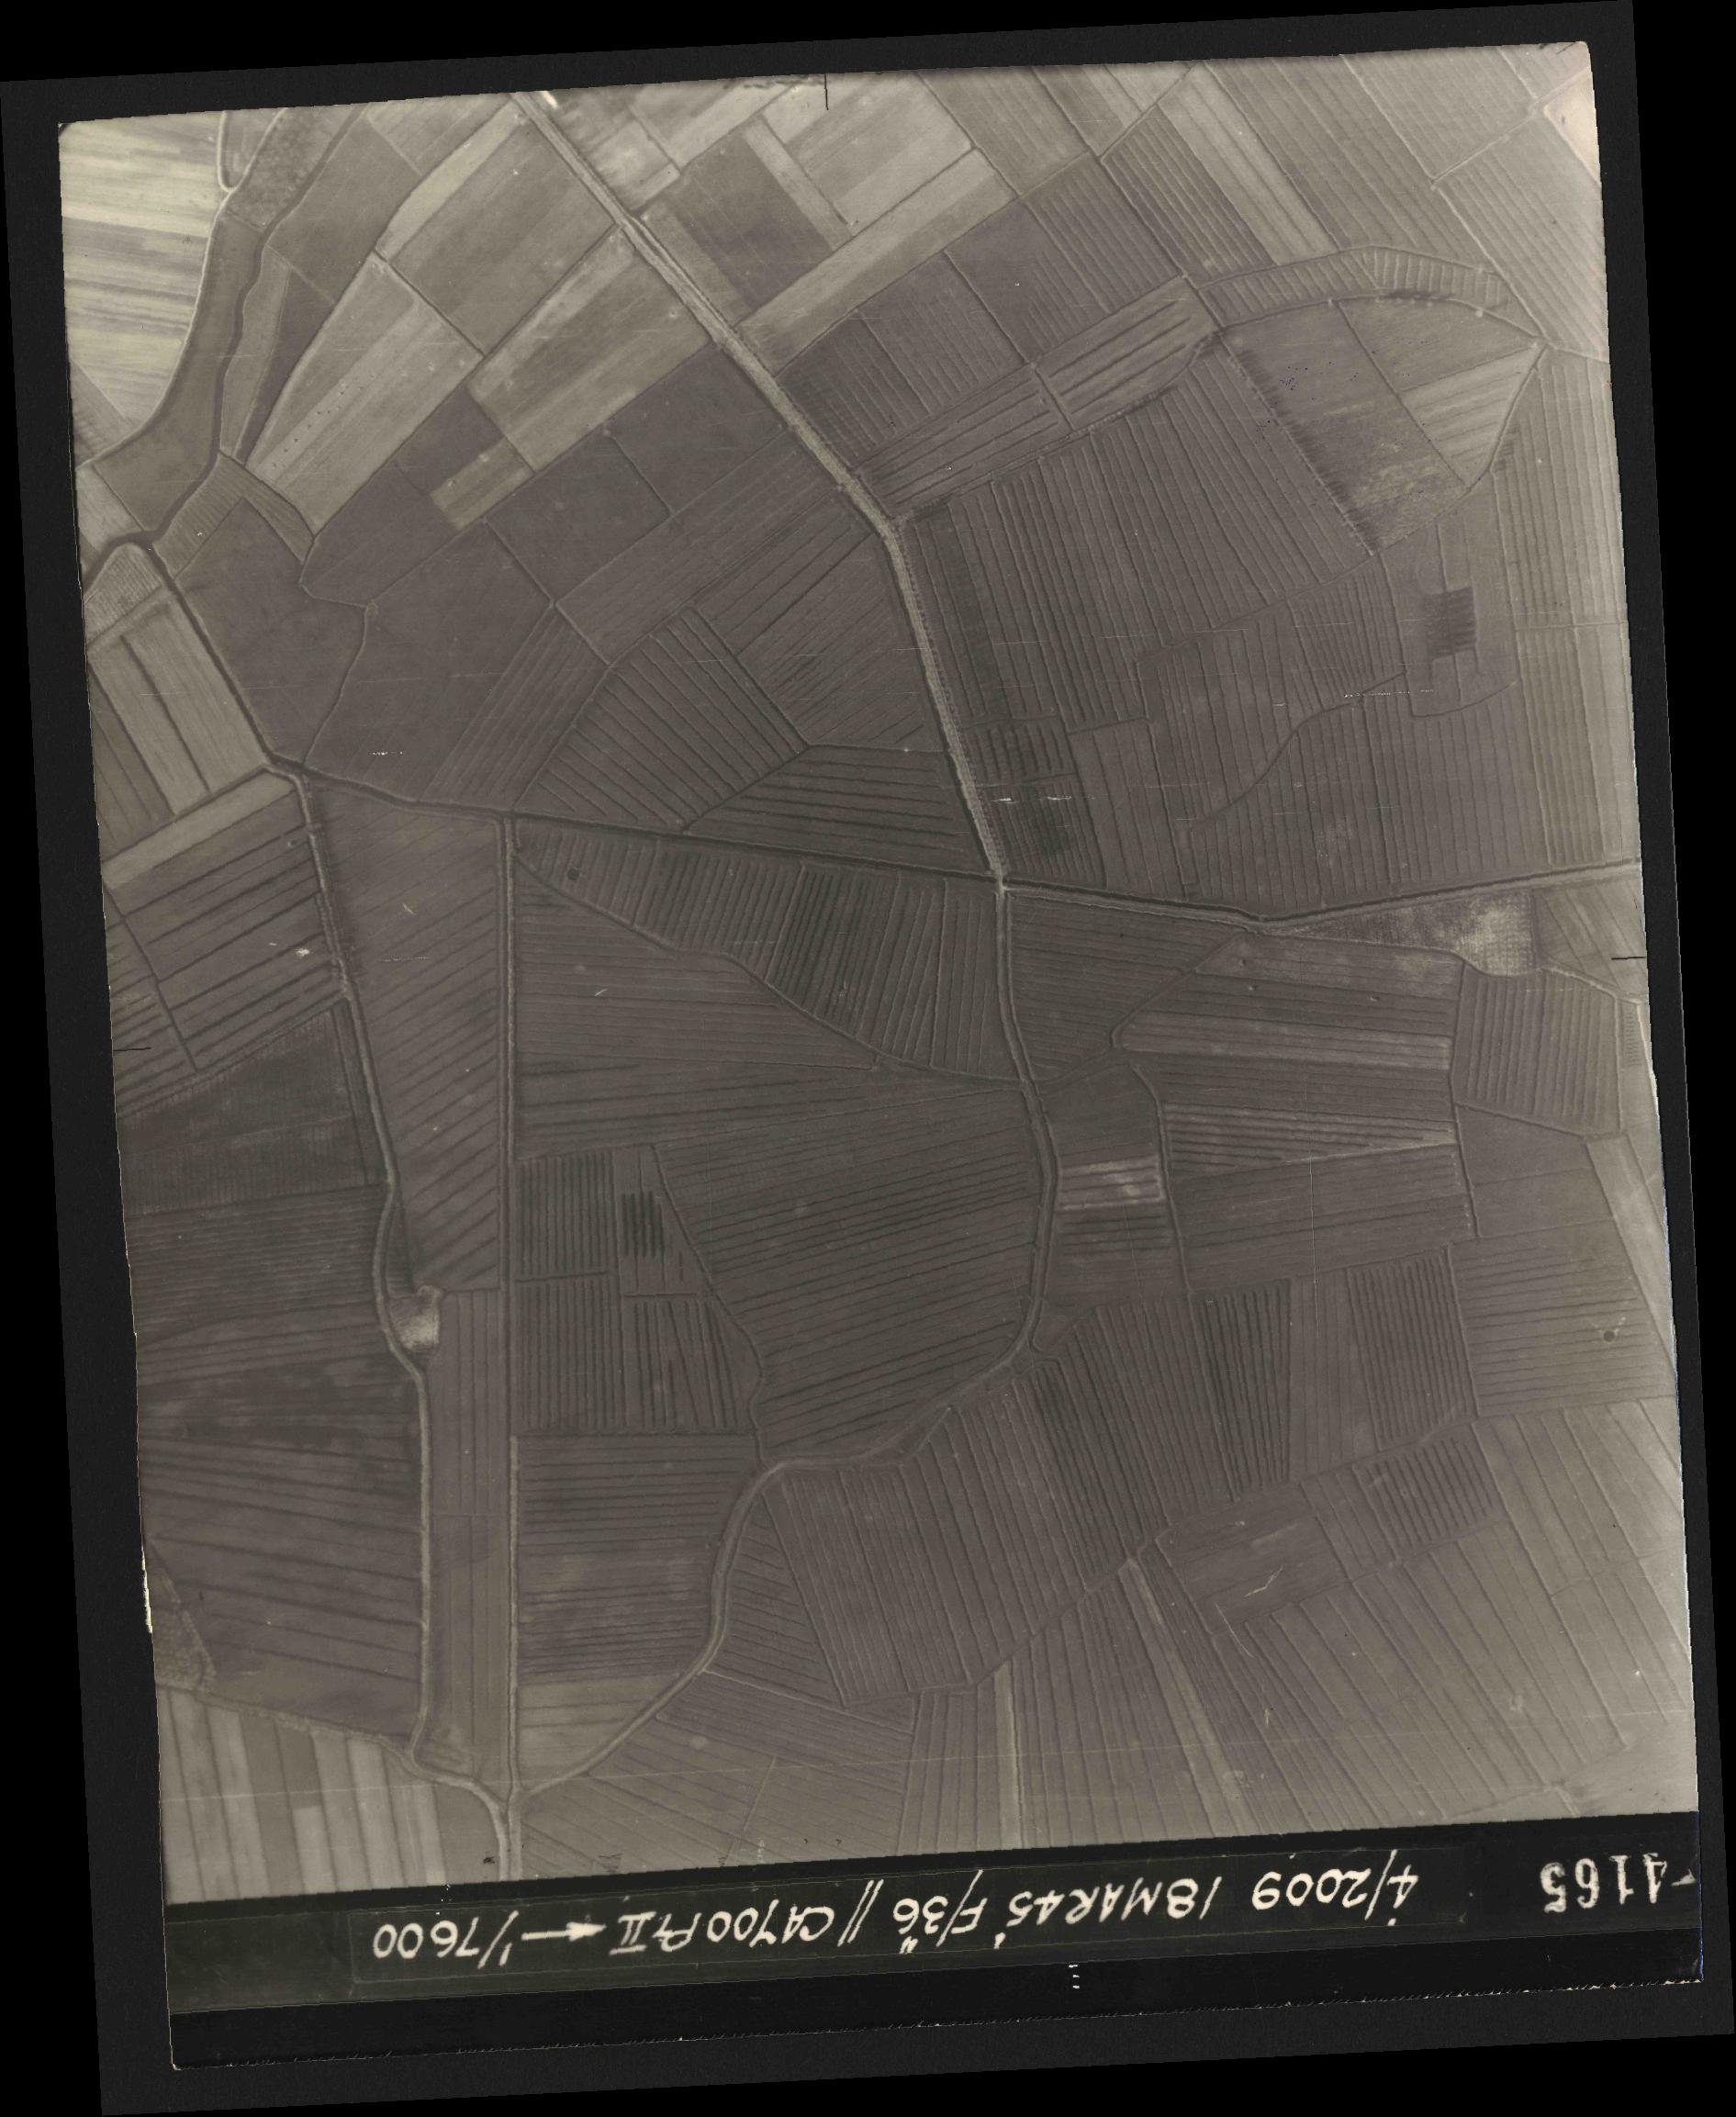 Collection RAF aerial photos 1940-1945 - flight 017, run 10, photo 4165